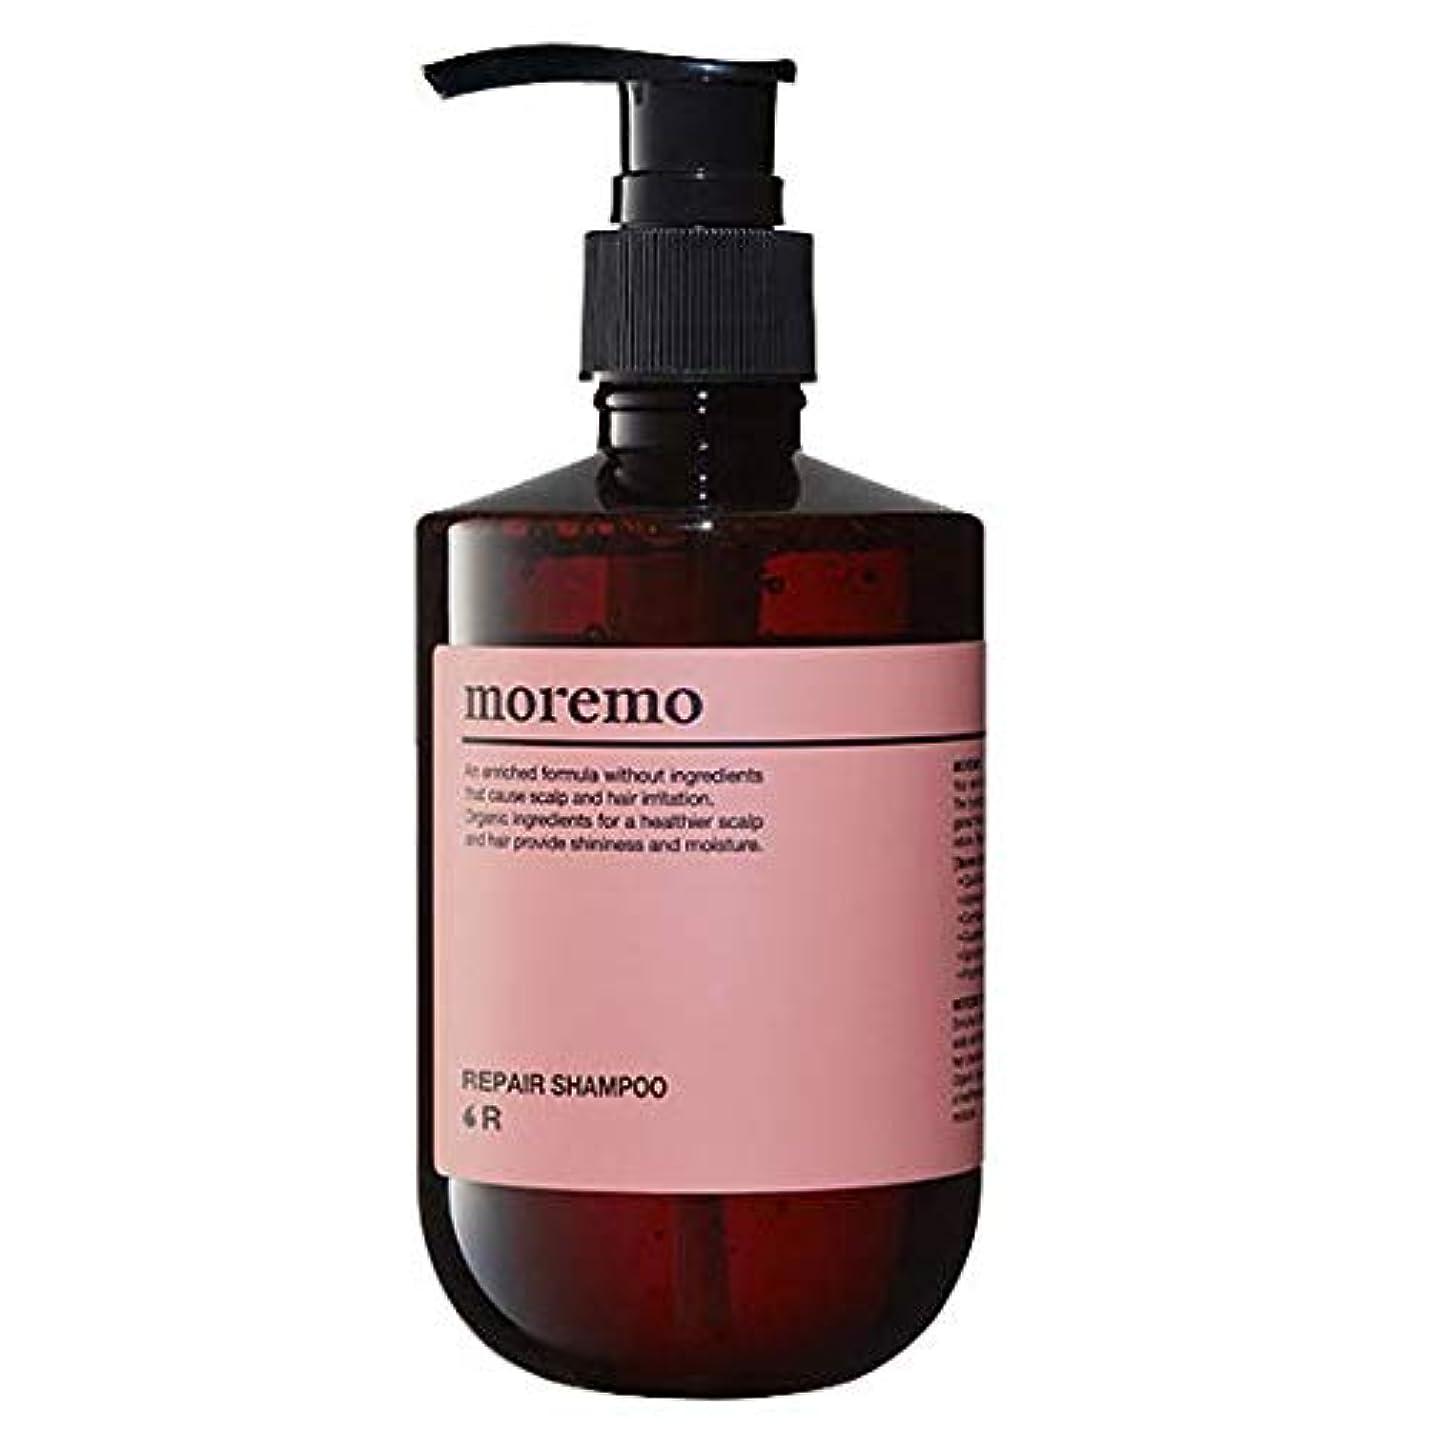 シャイ息を切らしてそれにもかかわらずMoremo Repair Shampoo モレモ リペア シャンプー R 300ml [並行輸入品]